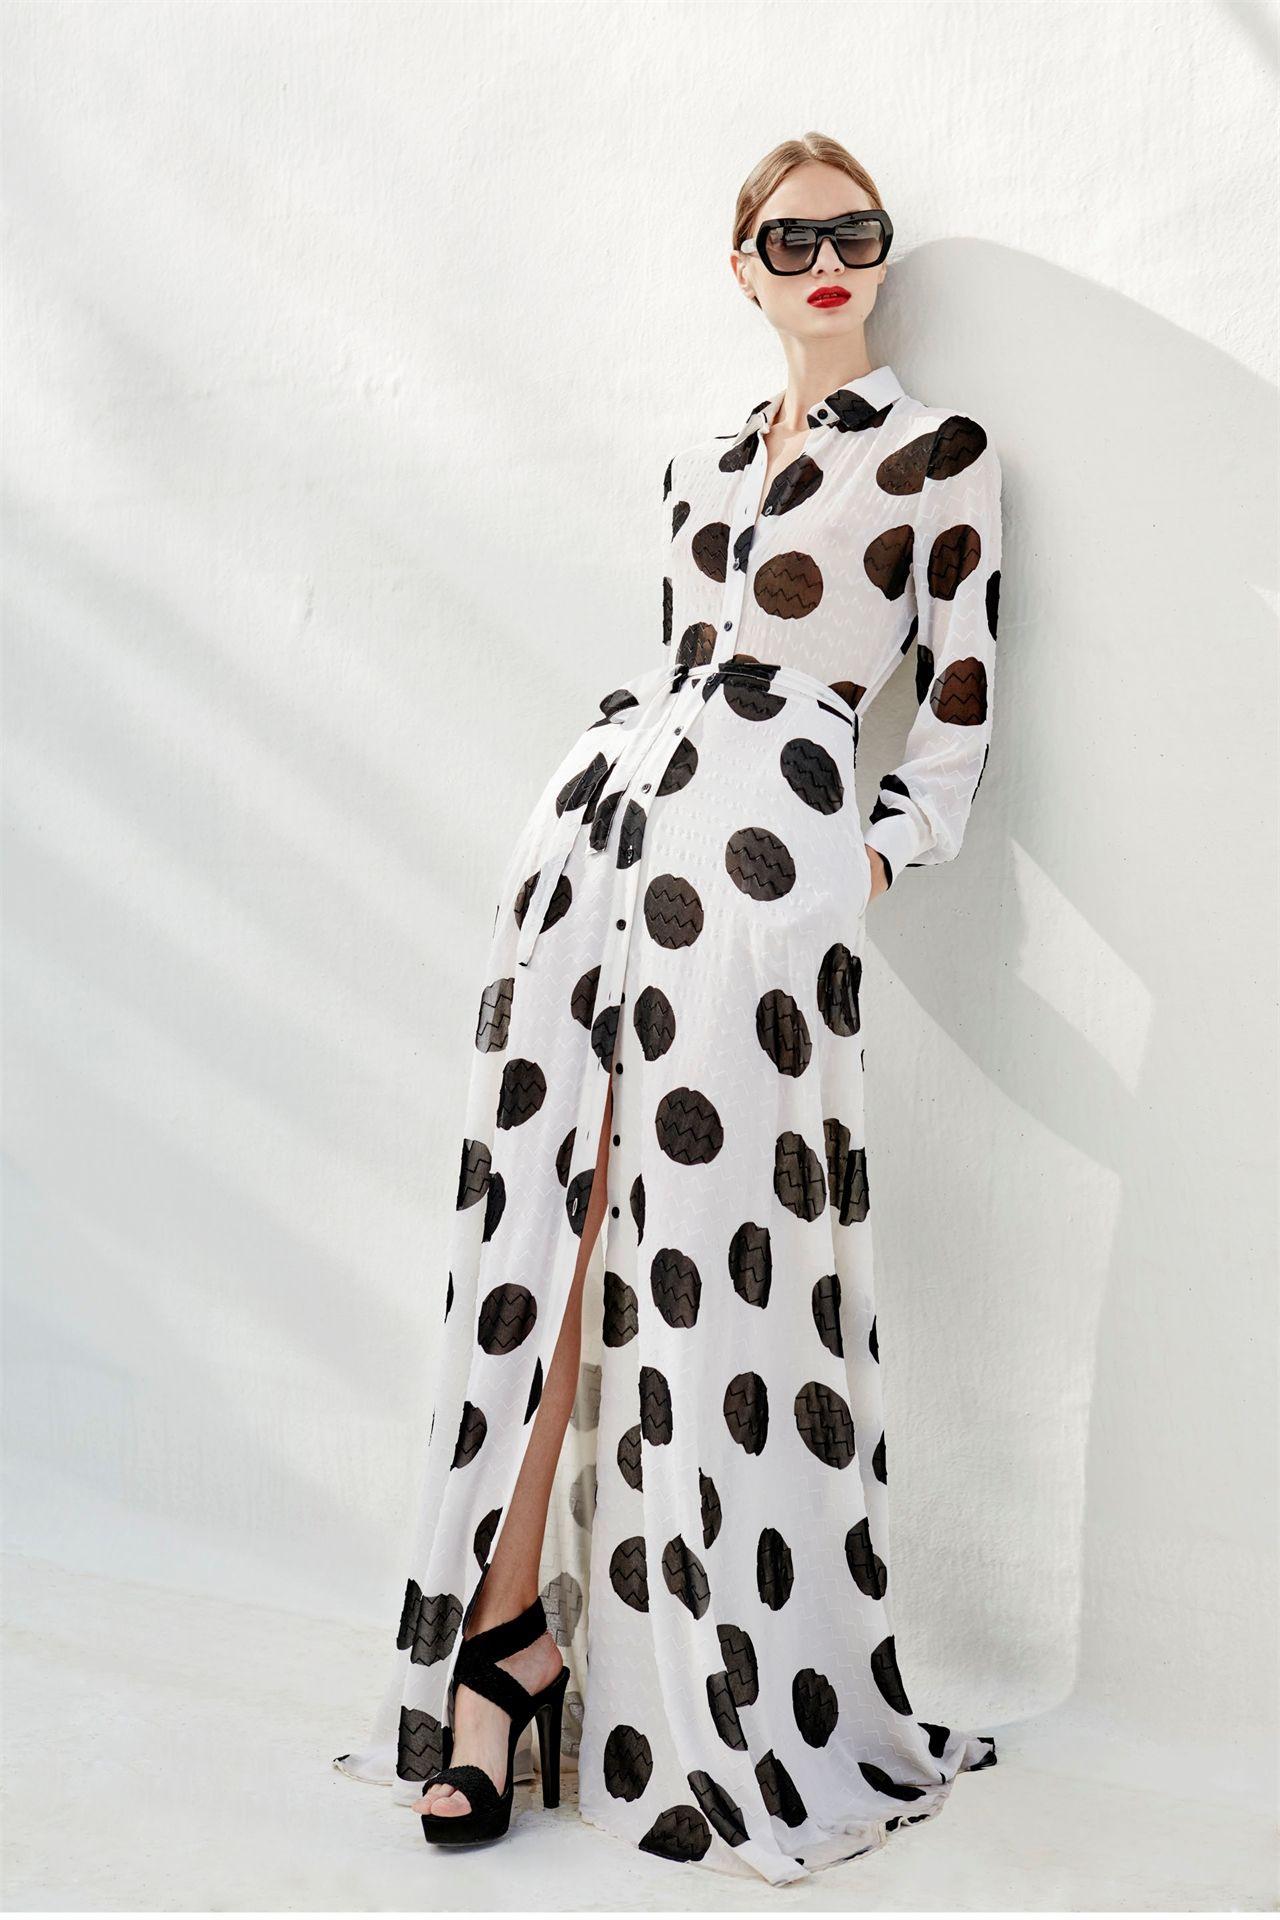 17 Top Creation L Abendkleider für 2019Designer Leicht Creation L Abendkleider Vertrieb